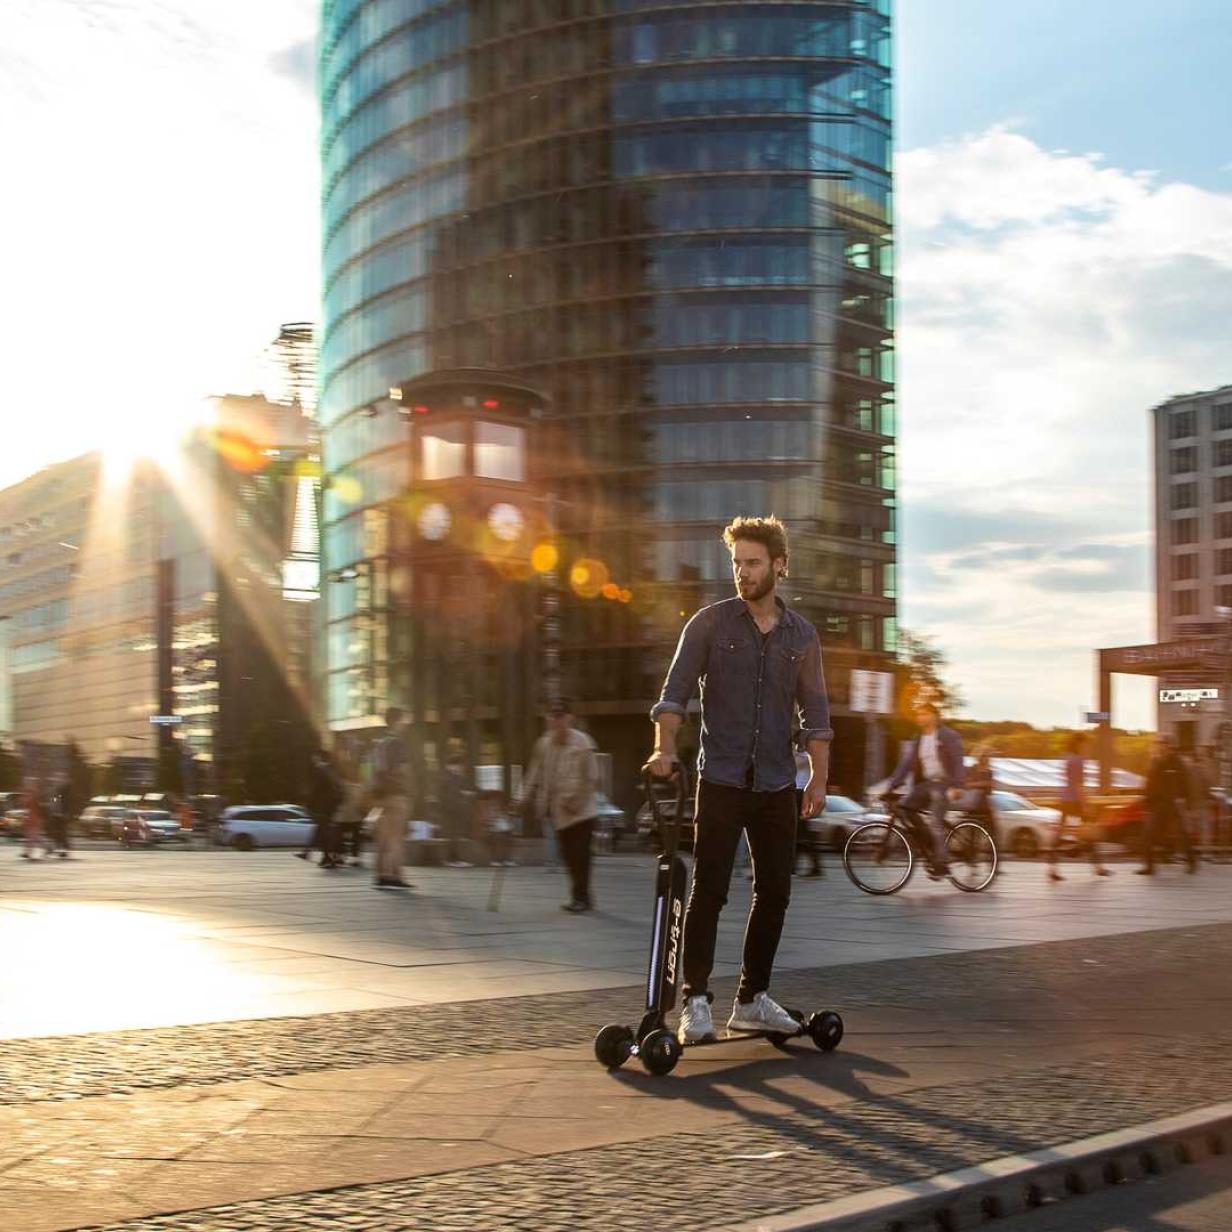 Wegen tödlicher Unfälle: E-Roller-Verleih wird in der Nacht verboten